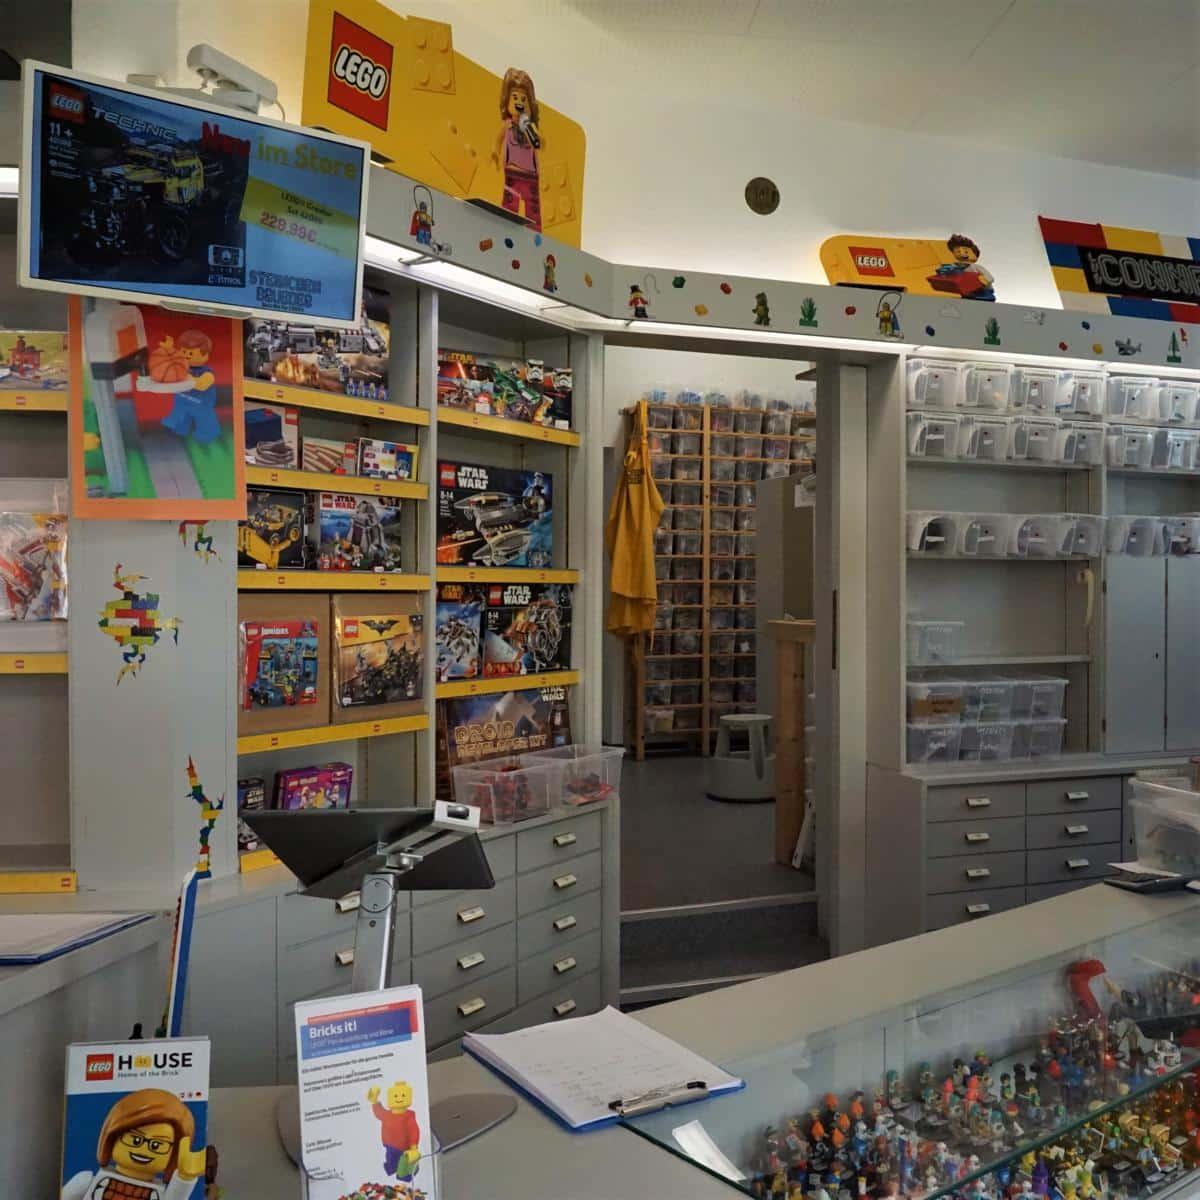 Style Hannover Steinchenbrüder 5 - Steinchenbrüder - LEGO®-Fans aufgepasst